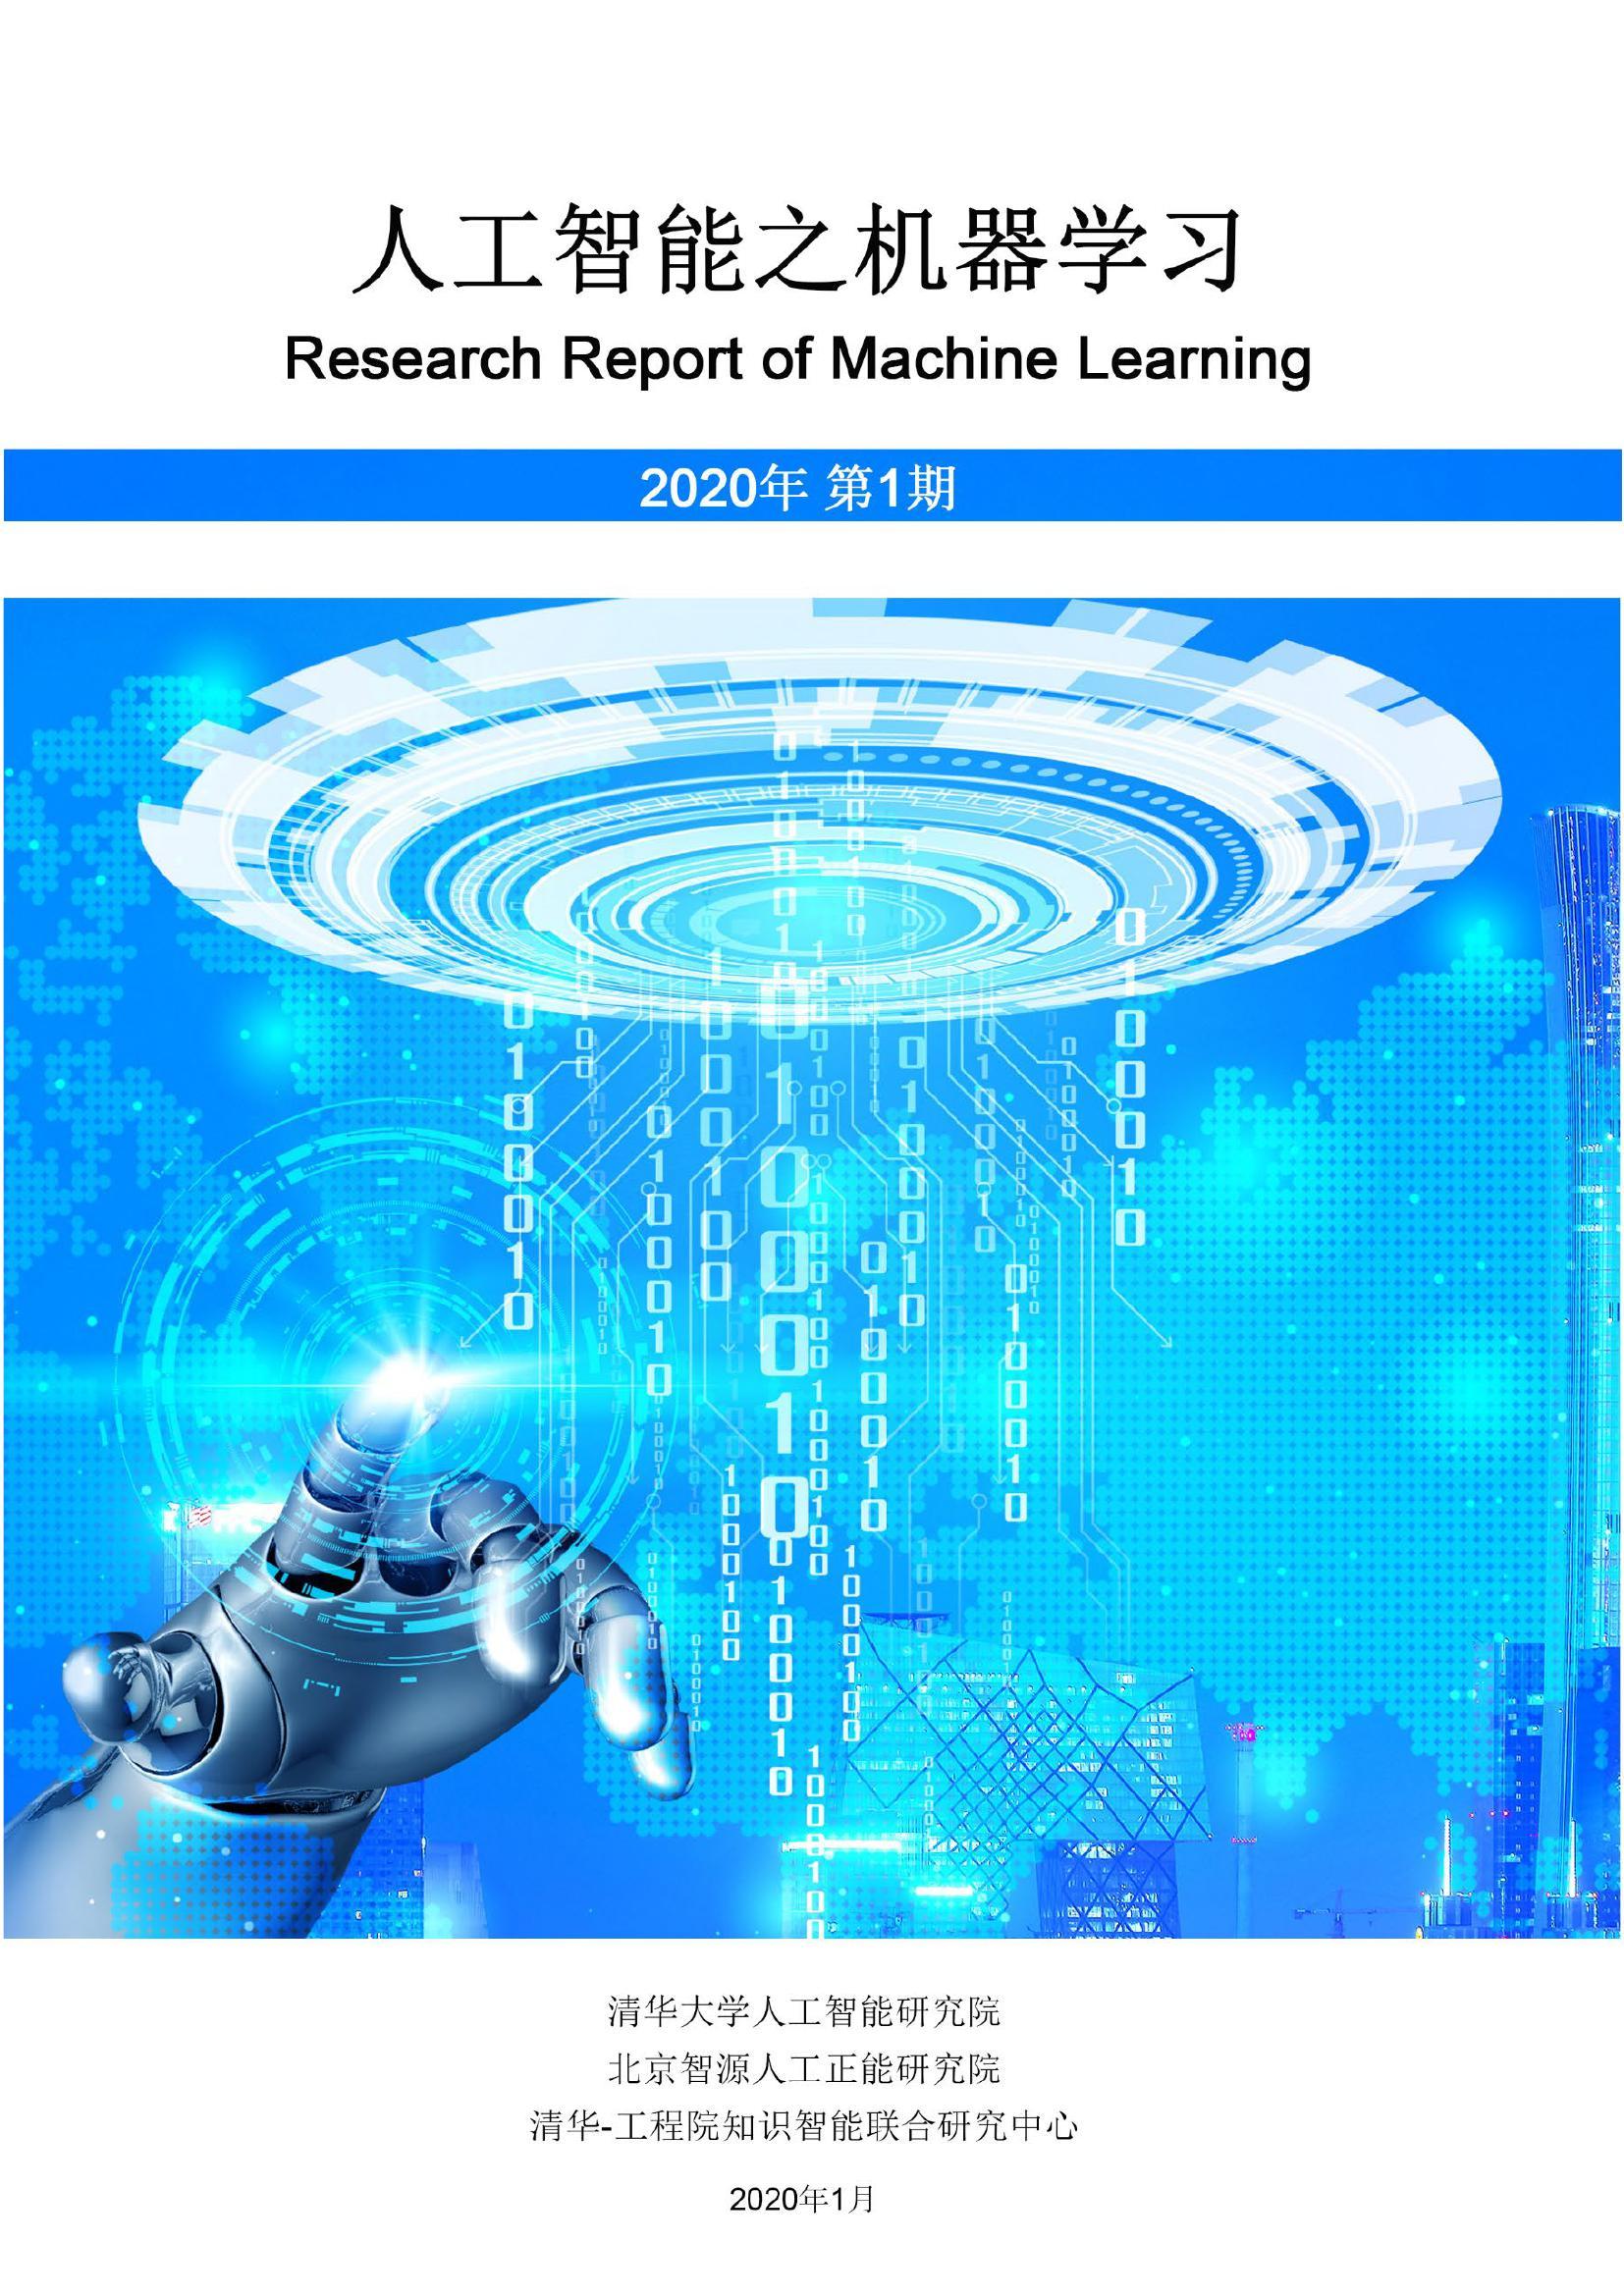 清华大学人工智能研究院:人工智能之机器学习(附下载)